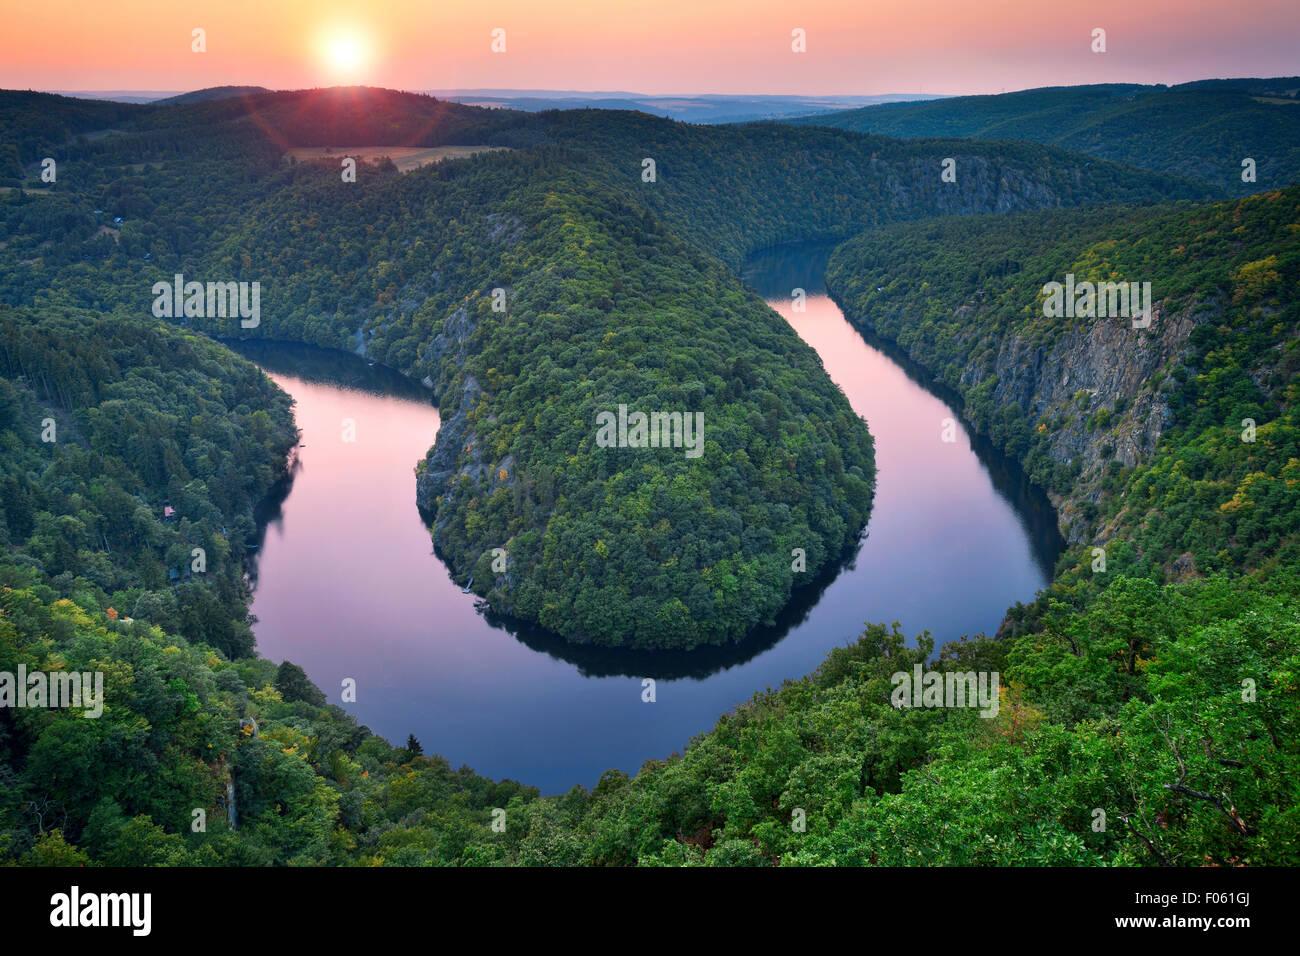 Ansa del fiume. Bellissimo meandro del fiume Vltava nella Repubblica Ceca durante il periodo estivo il tramonto. Immagini Stock